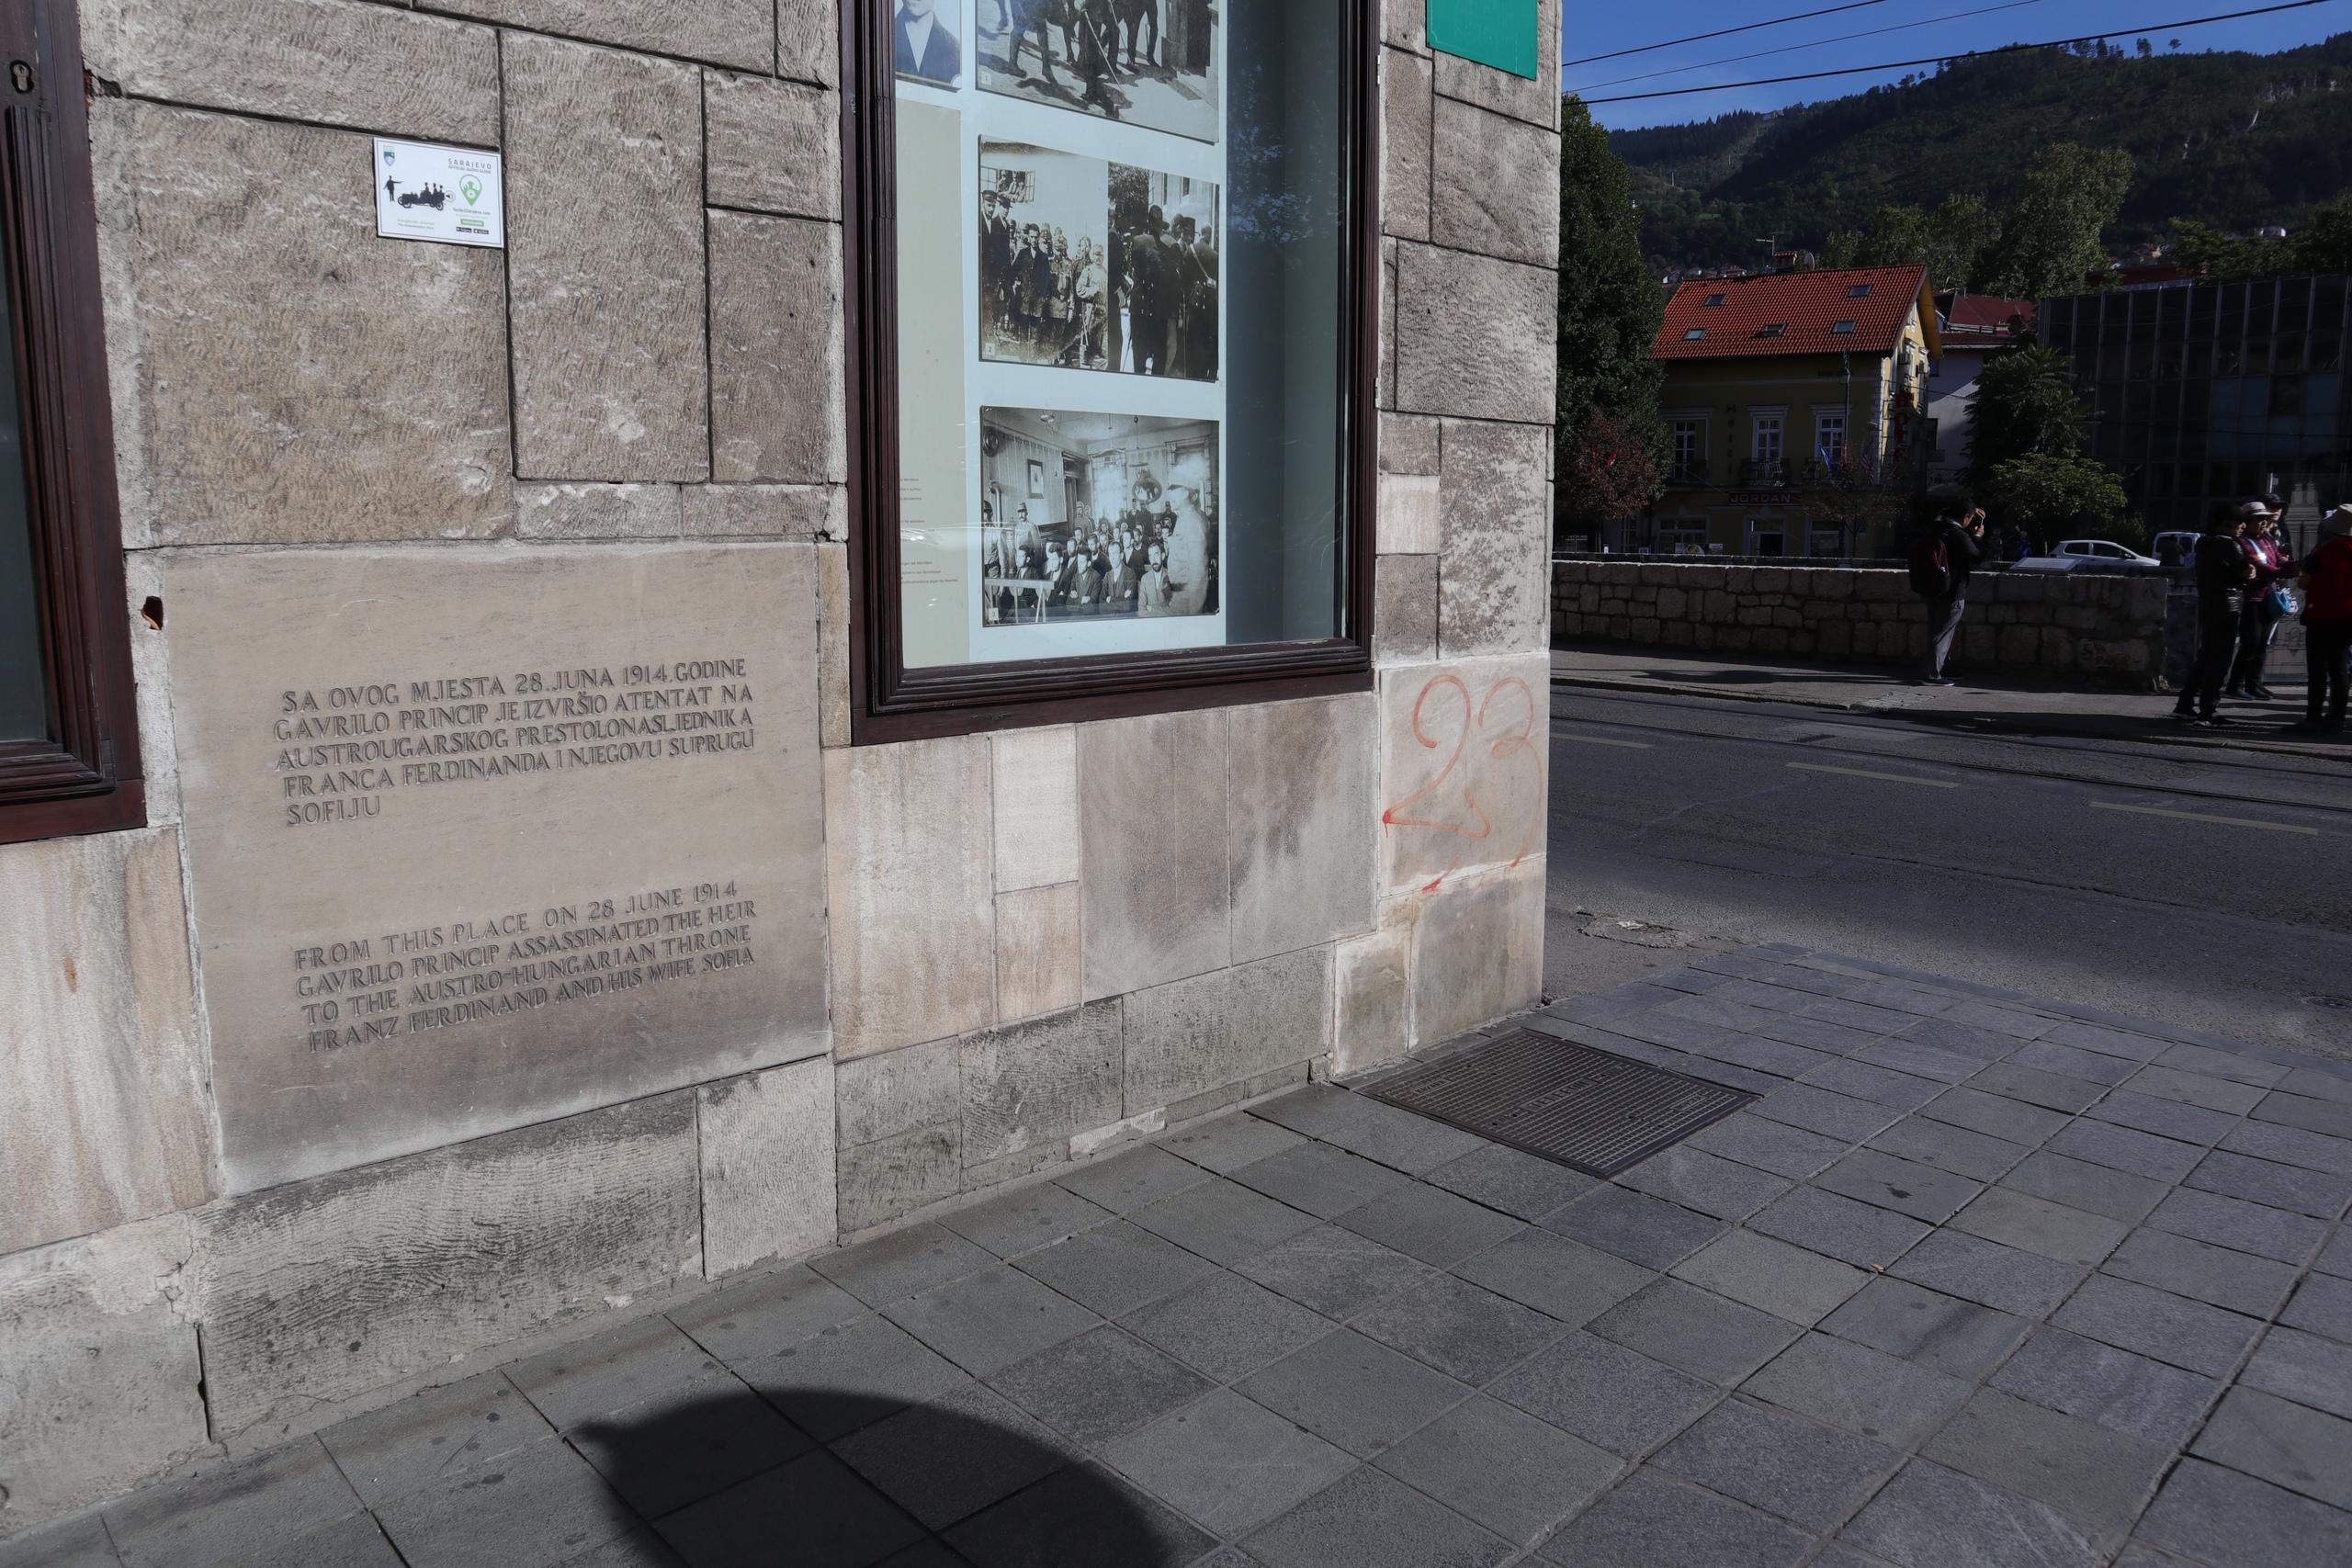 Будучи в Сараево, нельзя никак не посетить то самое место..